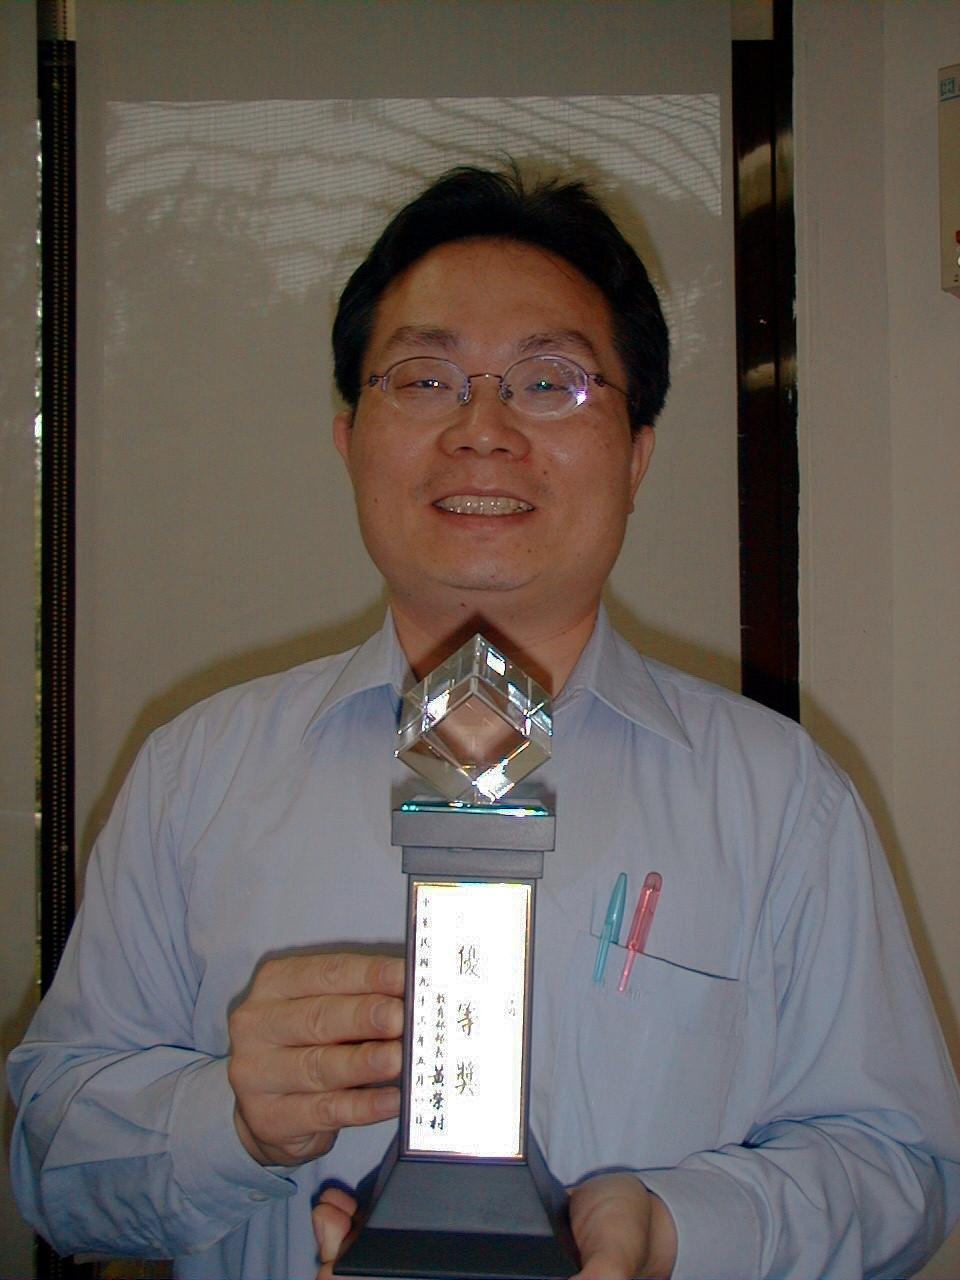 化學系基礎科學執行計畫 - 王宏文獲優良評鑑